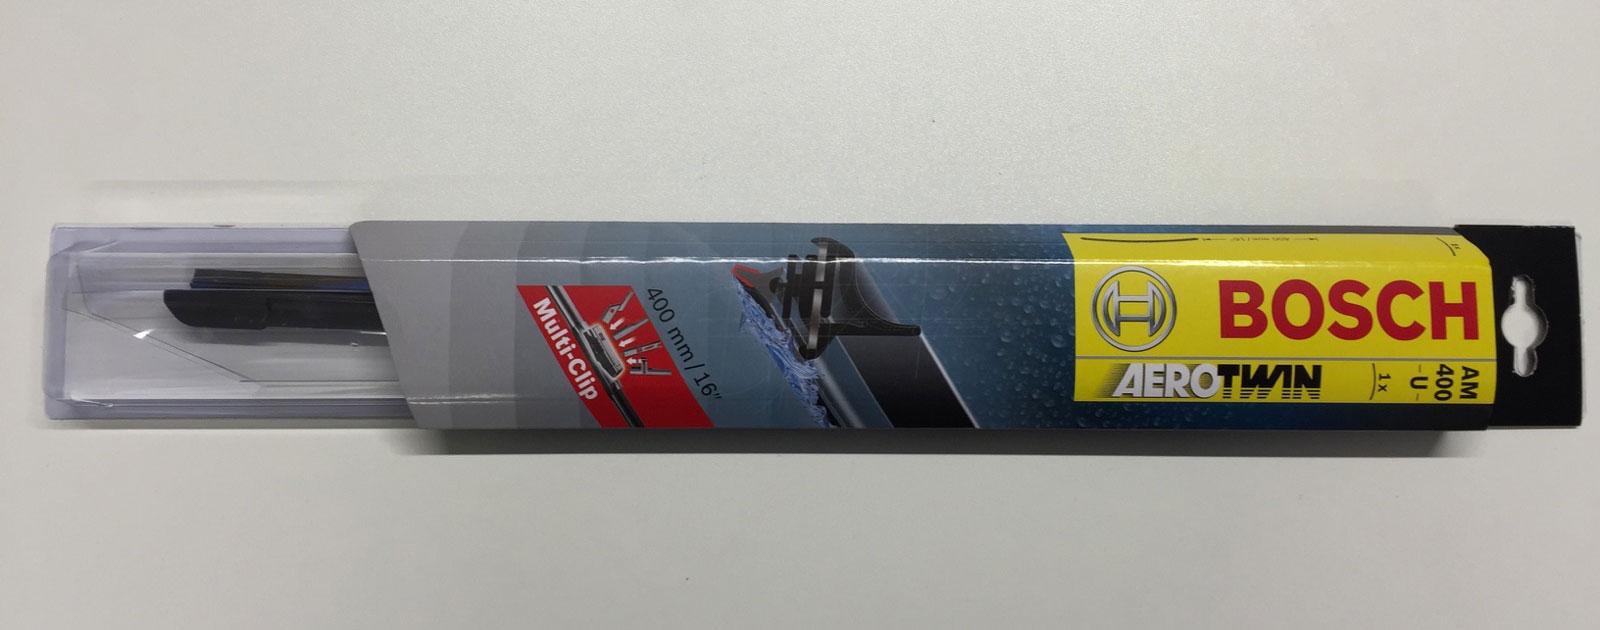 Scheibenwischer / Wischblatt Bosch AEROTWIN AR22U Single Bild 1